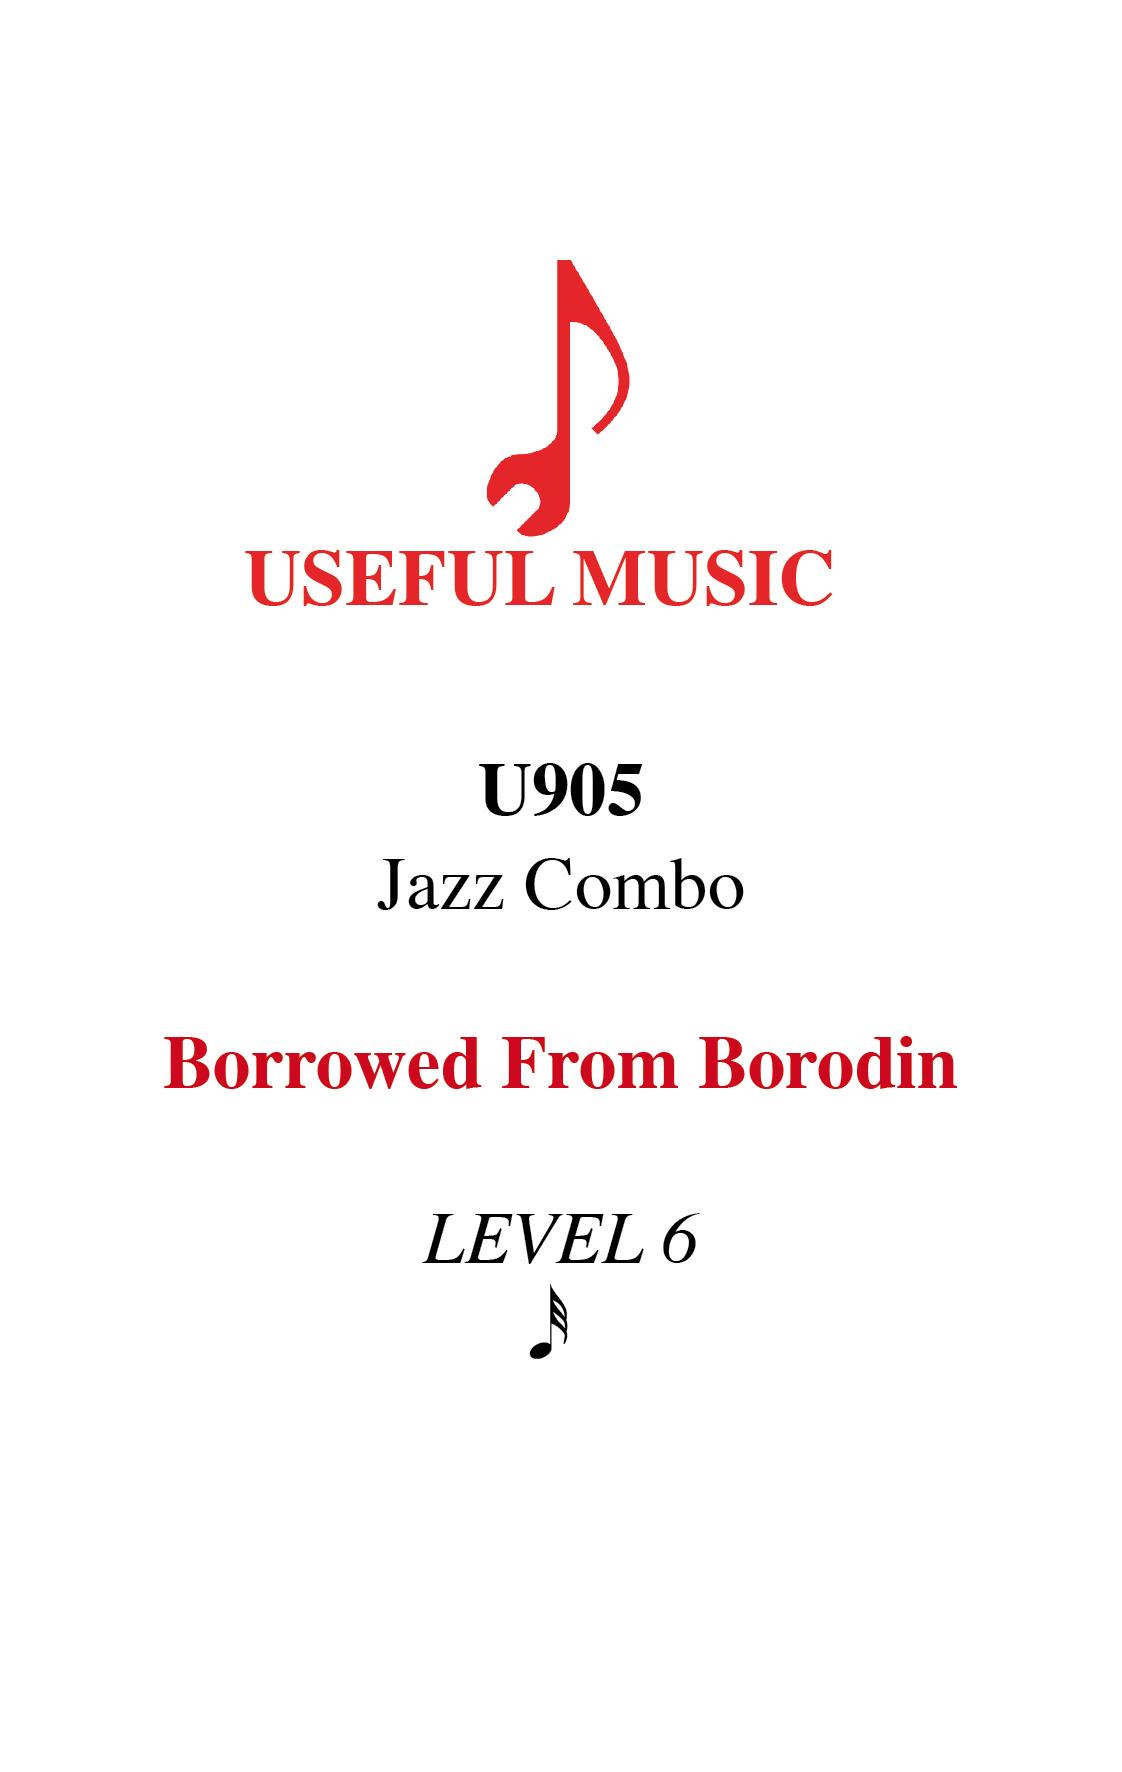 Borrowed from Borodin - Jazz Combo